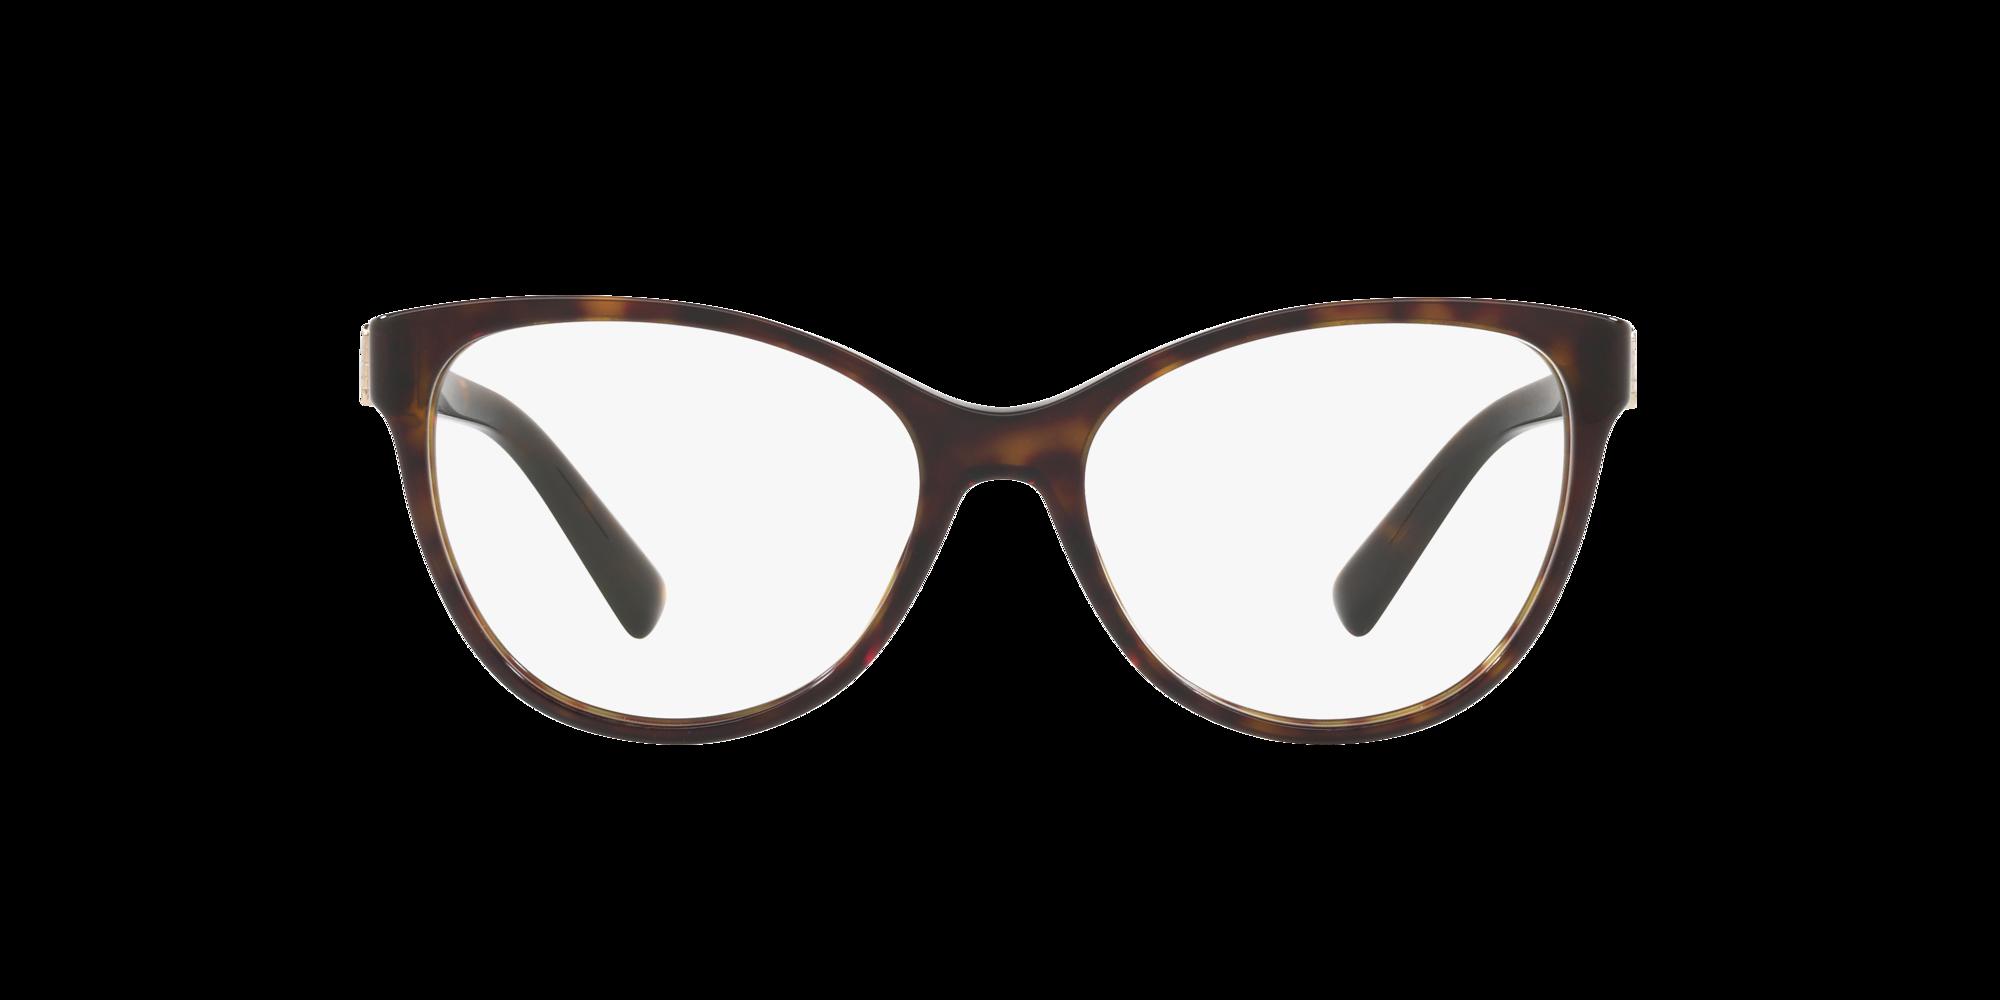 Imagen para BV4151 de LensCrafters    Espejuelos, espejuelos graduados en línea, gafas